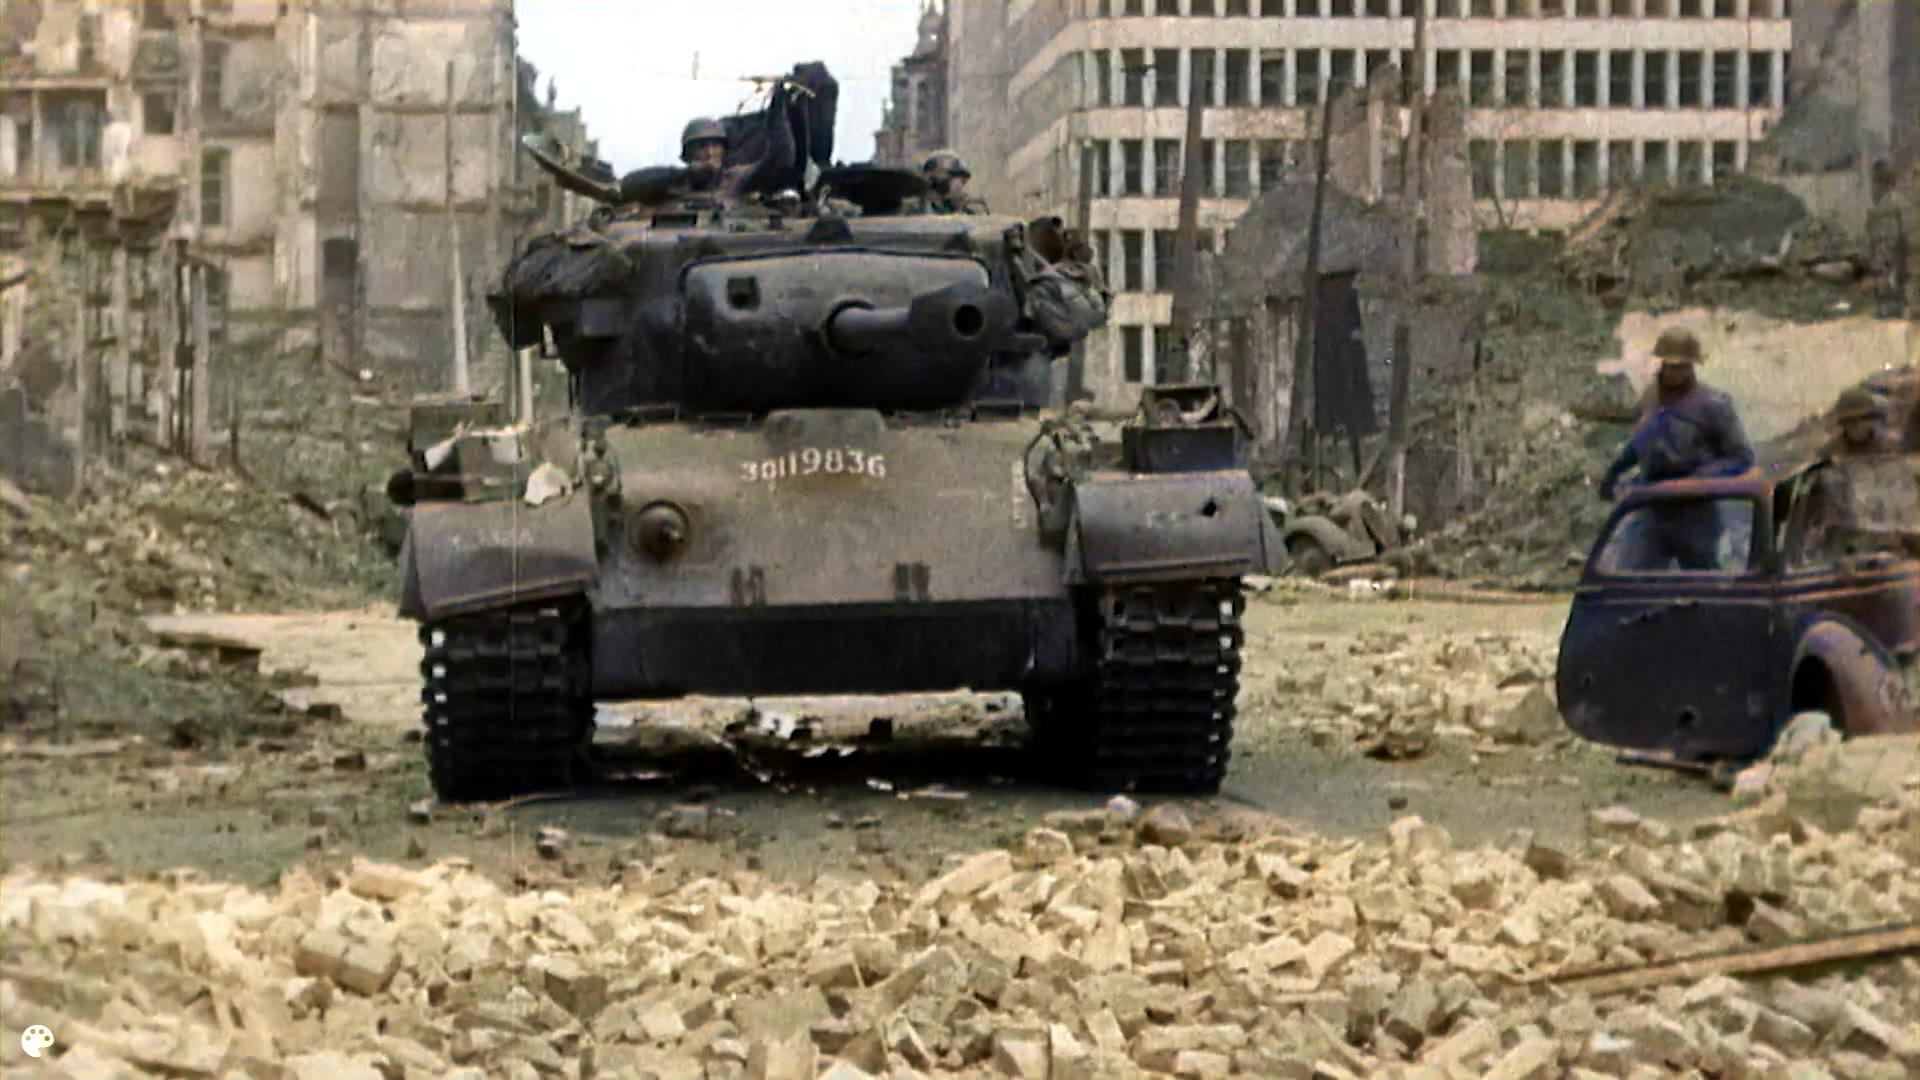 【AI色彩修复】1945年坦克城市战